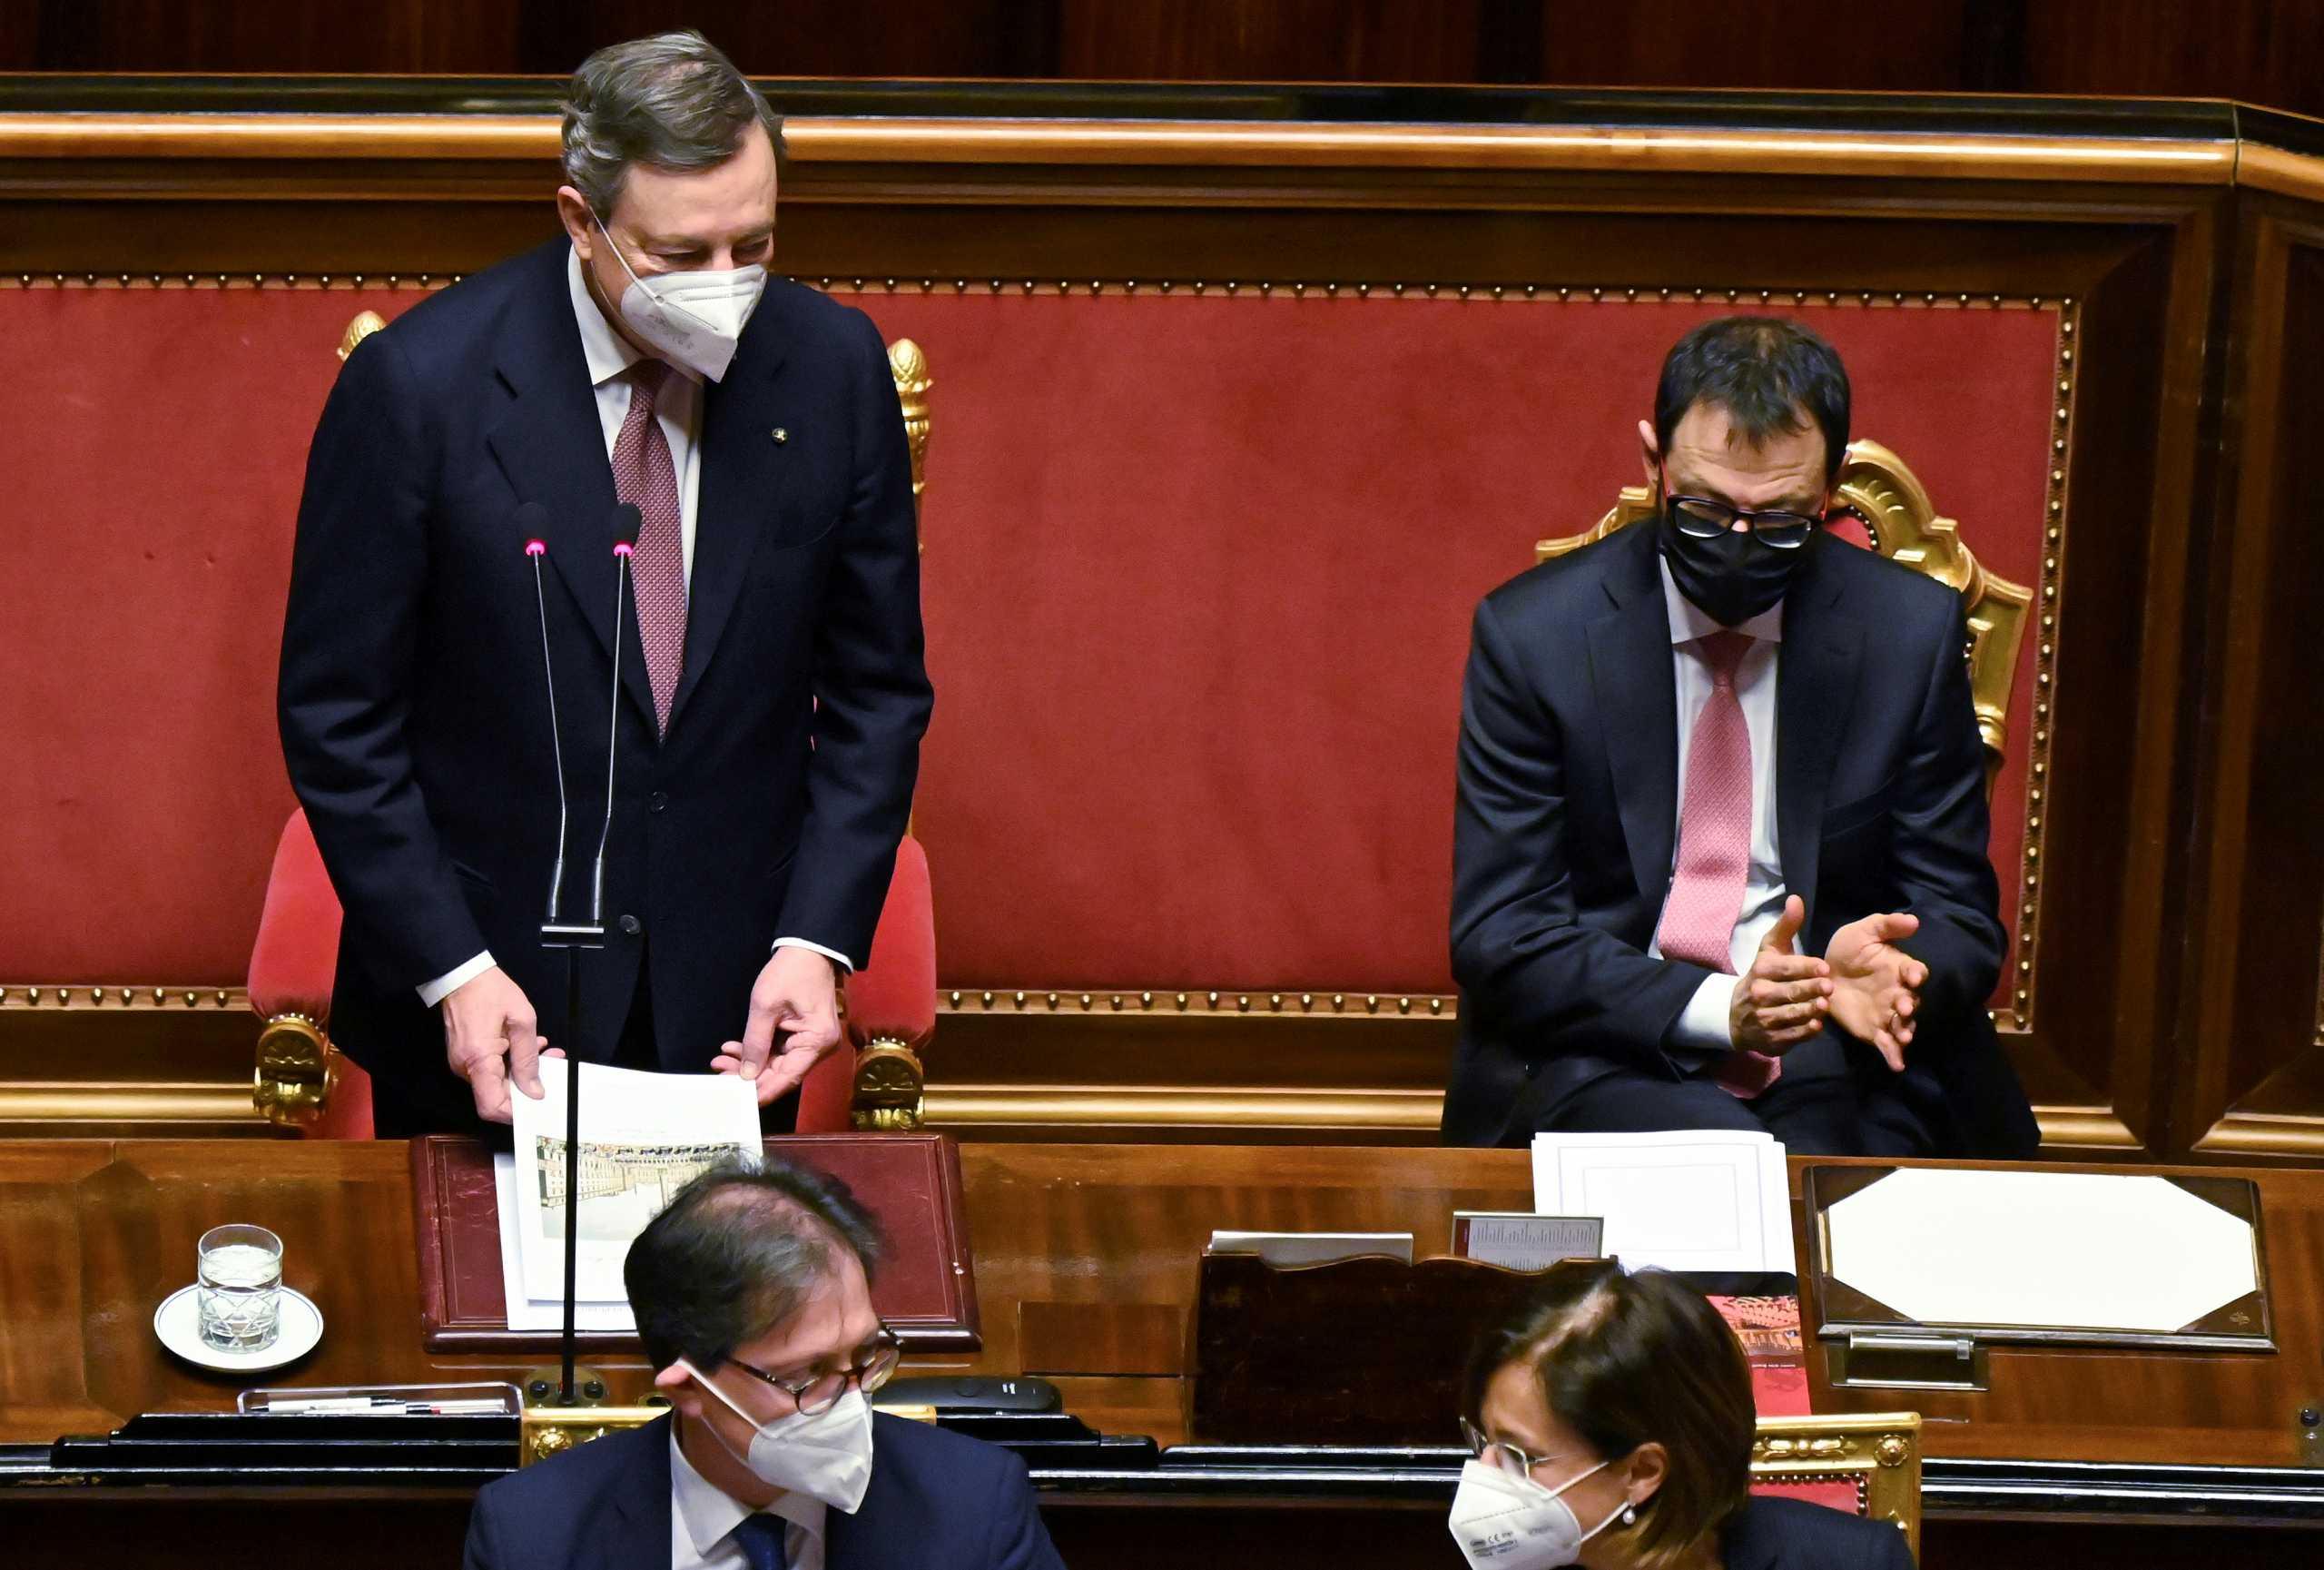 Ιταλία: Ψήφος εμπιστοσύνης από τη Γερουσία στον Ντράγκι και το πρόγραμμα «ανοικοδόμησης»